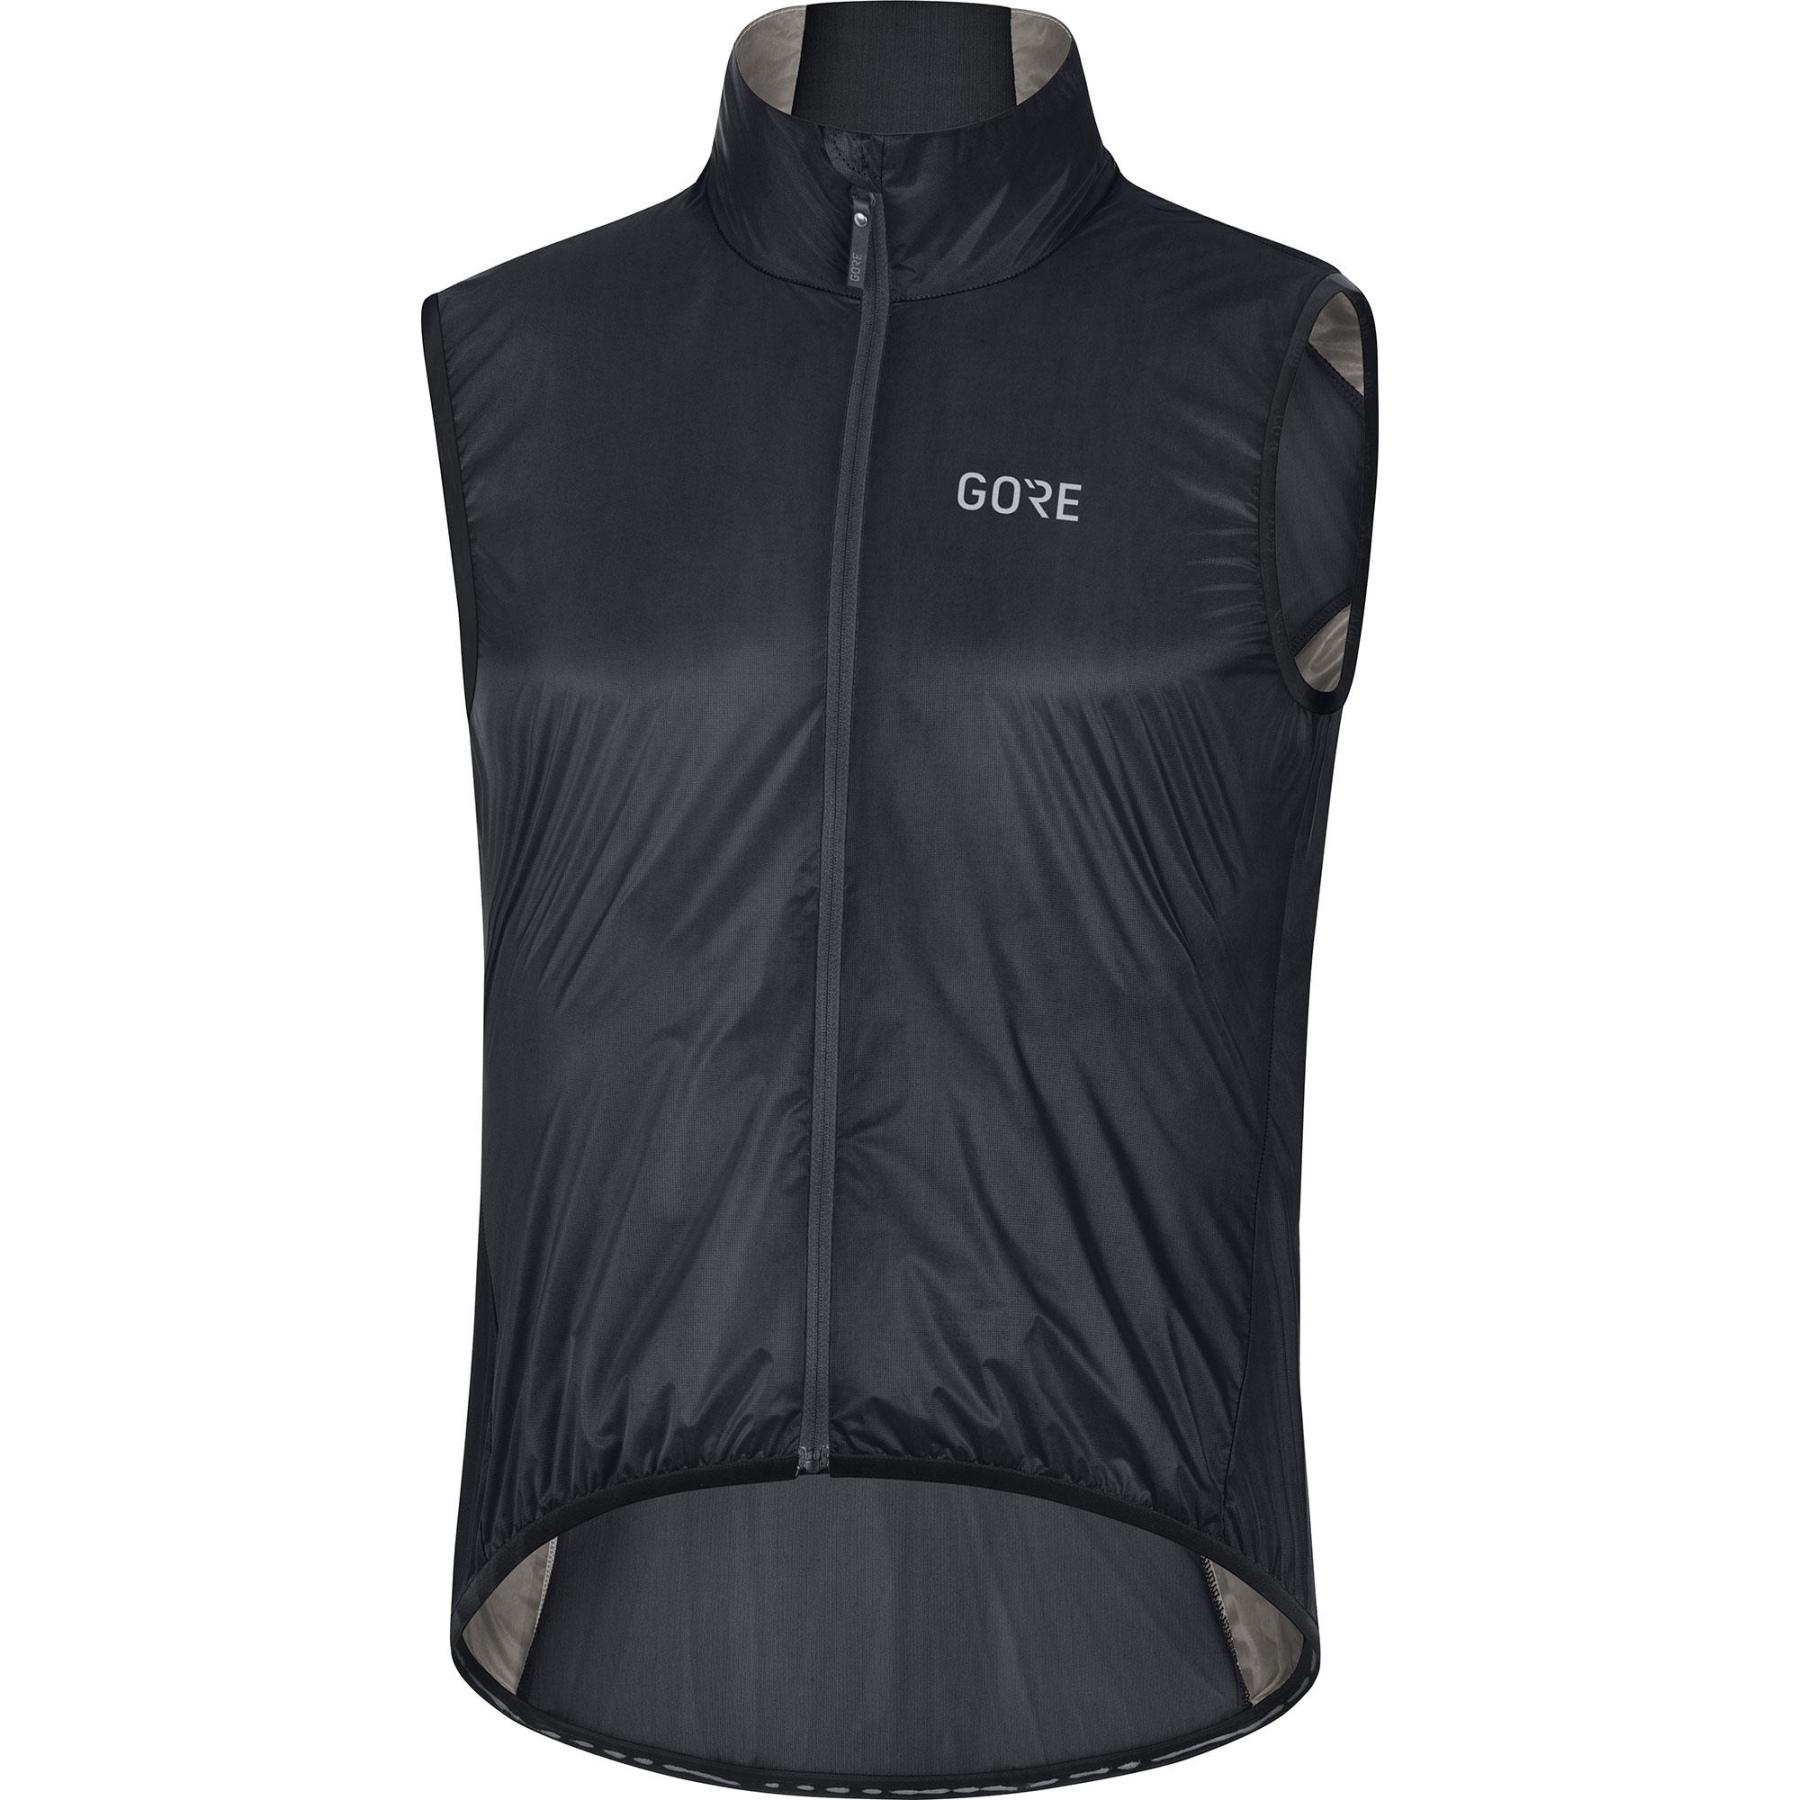 GORE Wear Ambient Chaleco de ciclismo - black 9900